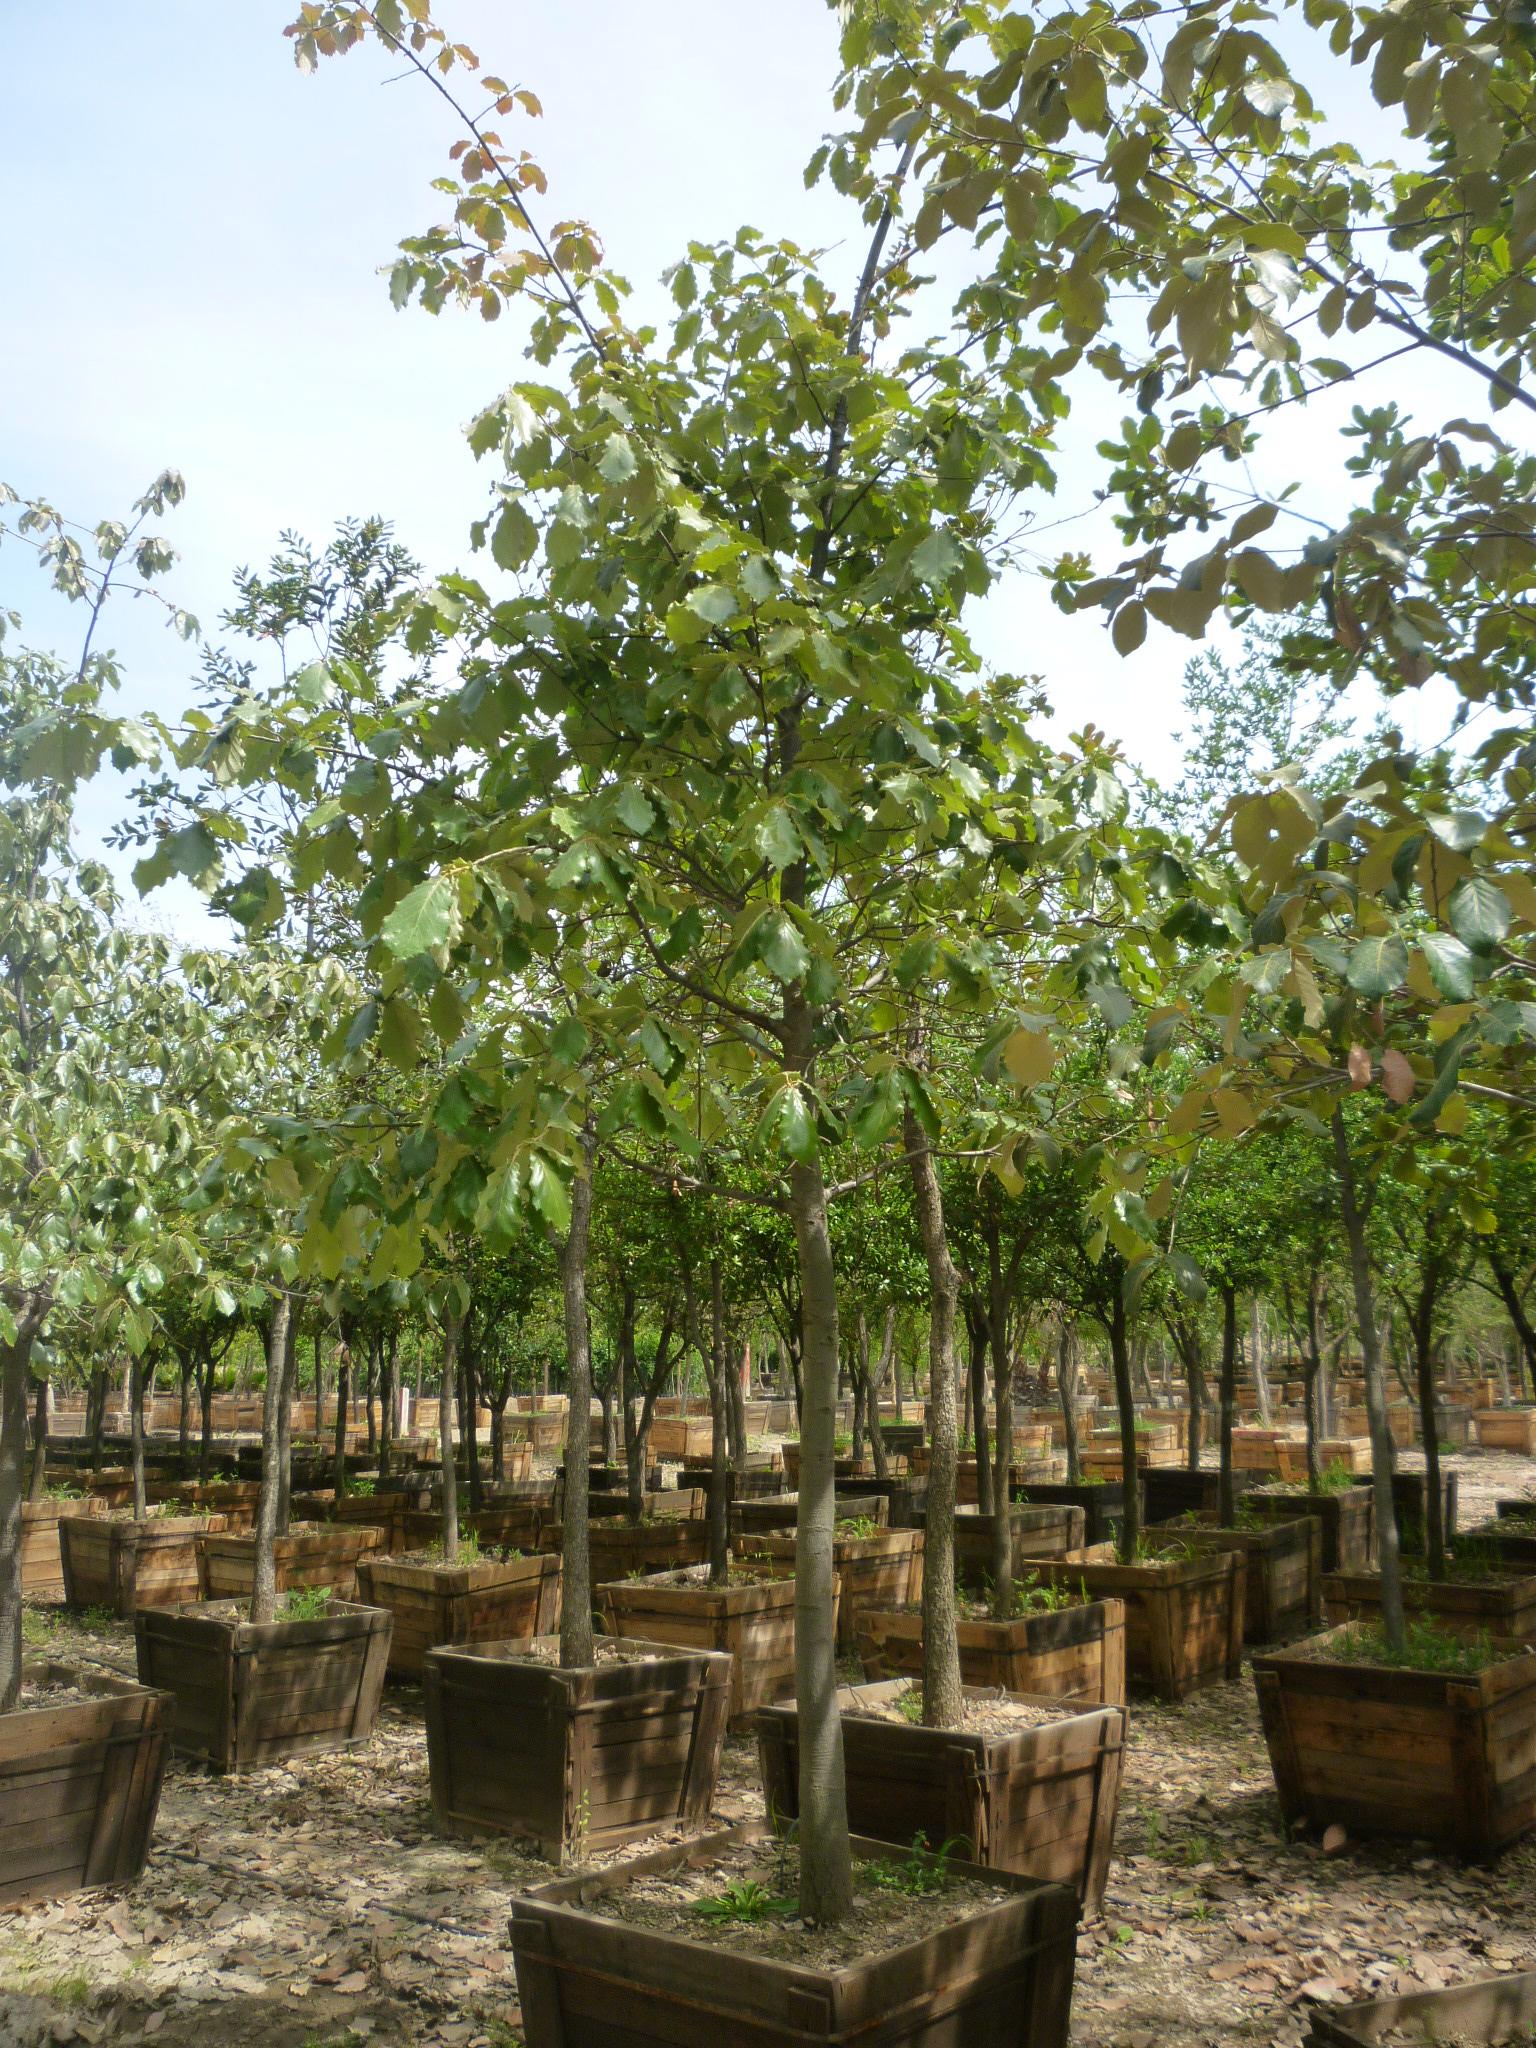 Viveros productores de guanajuato vpg viveros en for Viveros de arboles en madrid